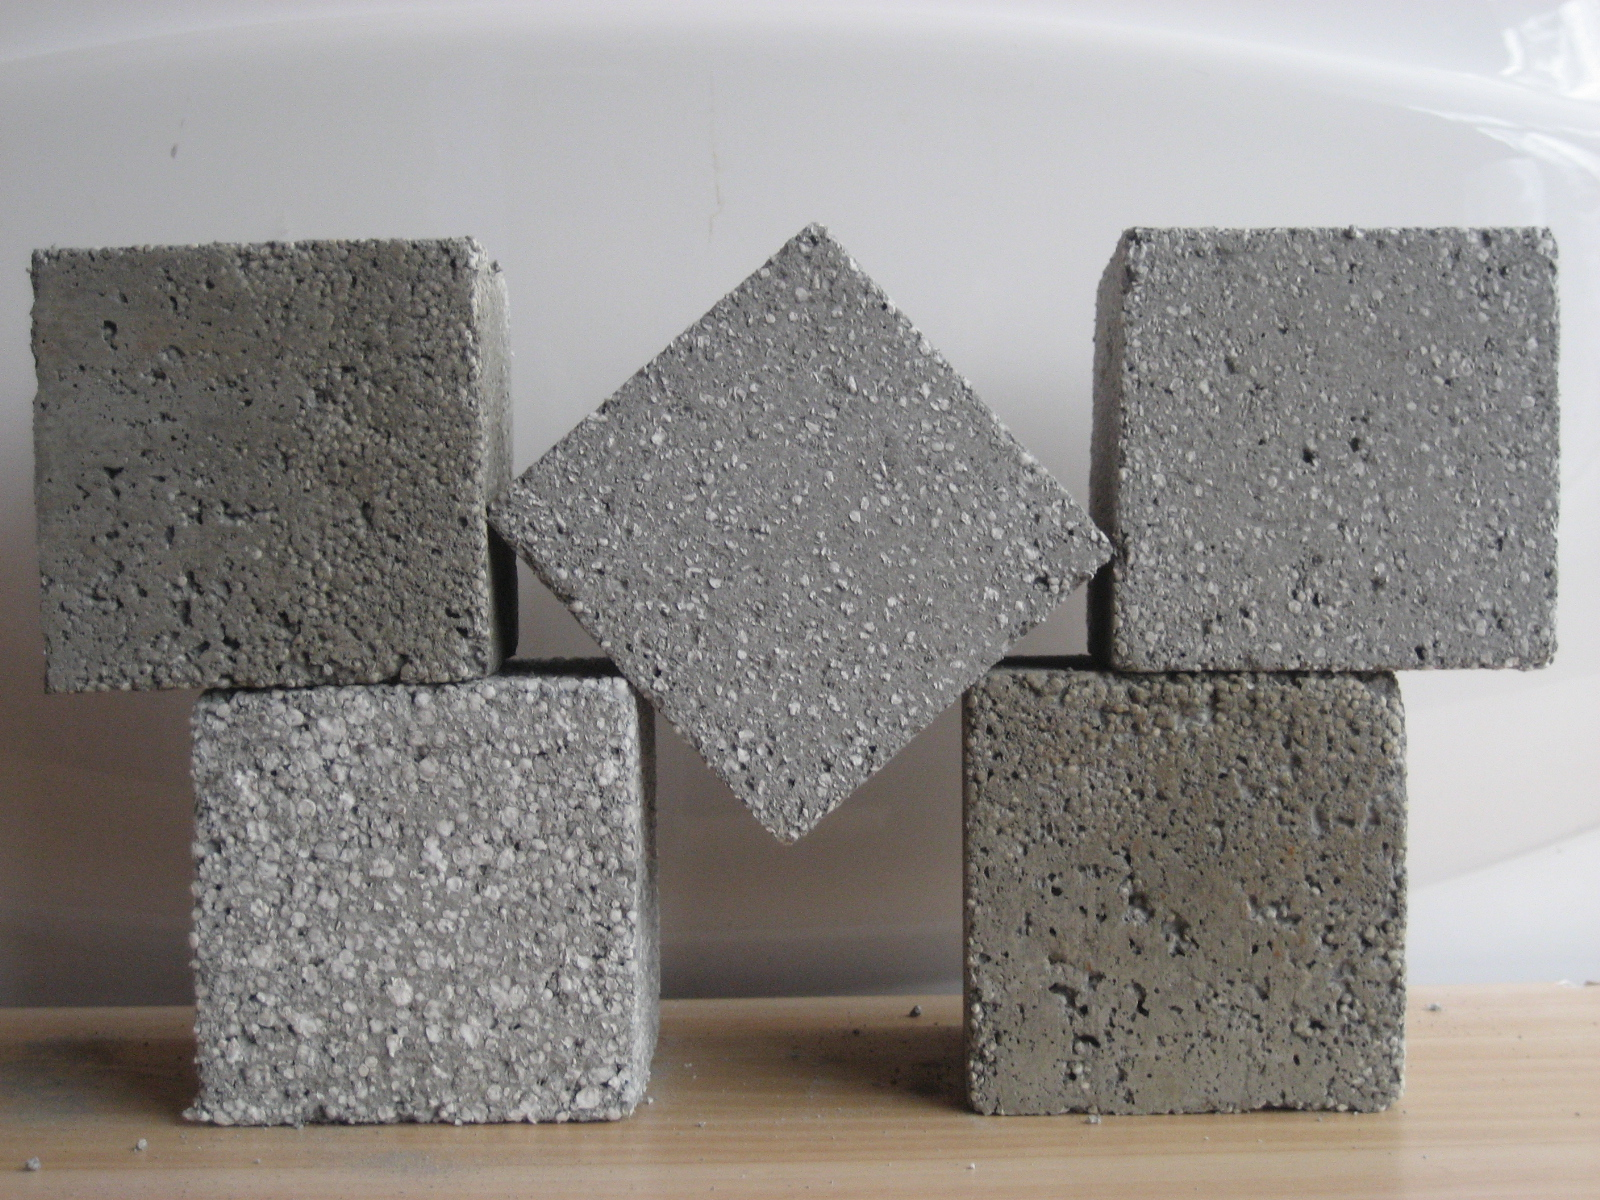 9 conseils pour construire une maison en béton polystyrène: avantages, inconvénients, choix